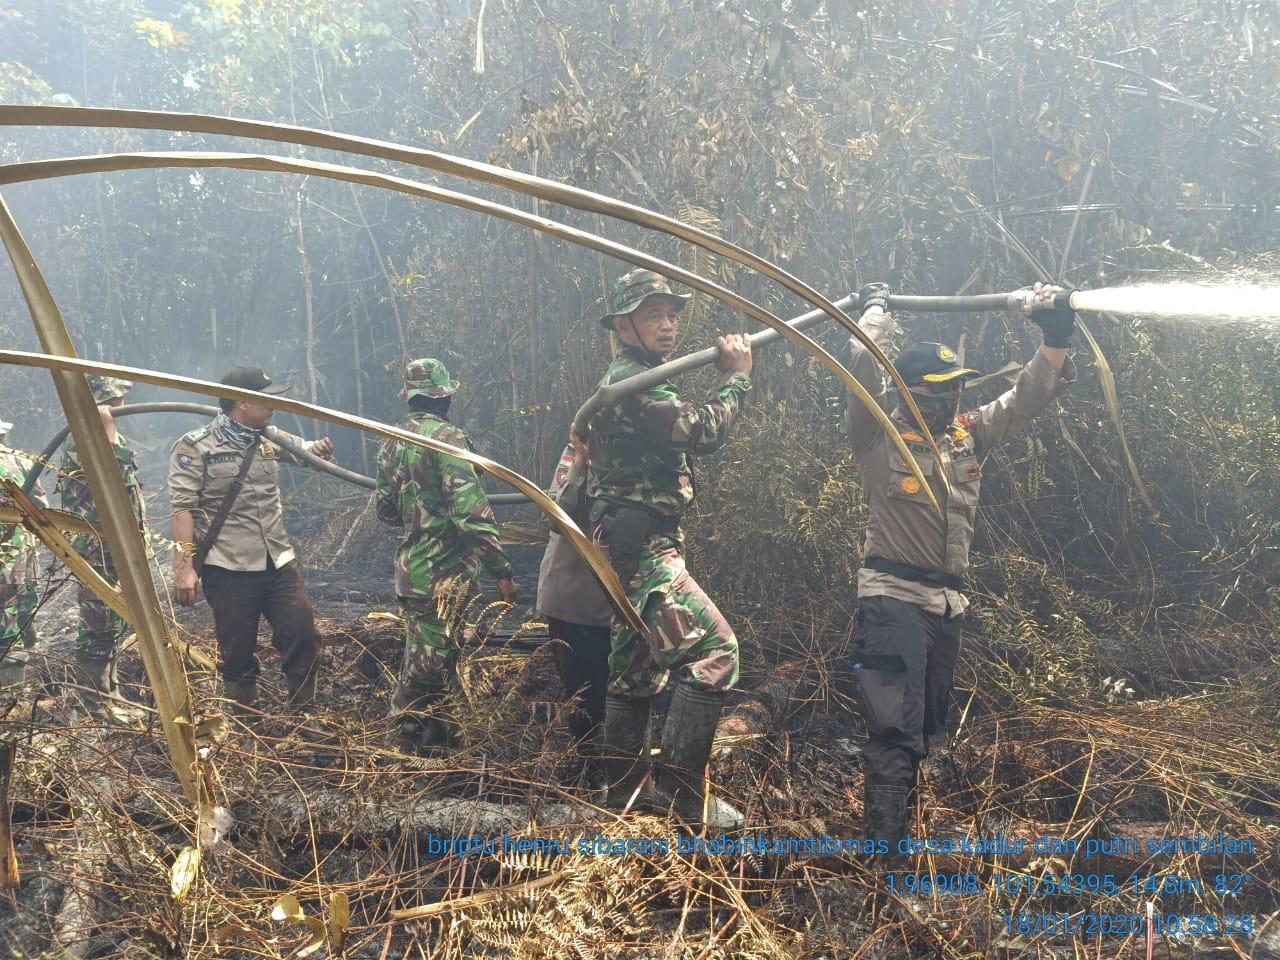 AKBP Sigit Kapolres Bengkalis, Padamkan Api 10 Hektar di Pulau Rupat